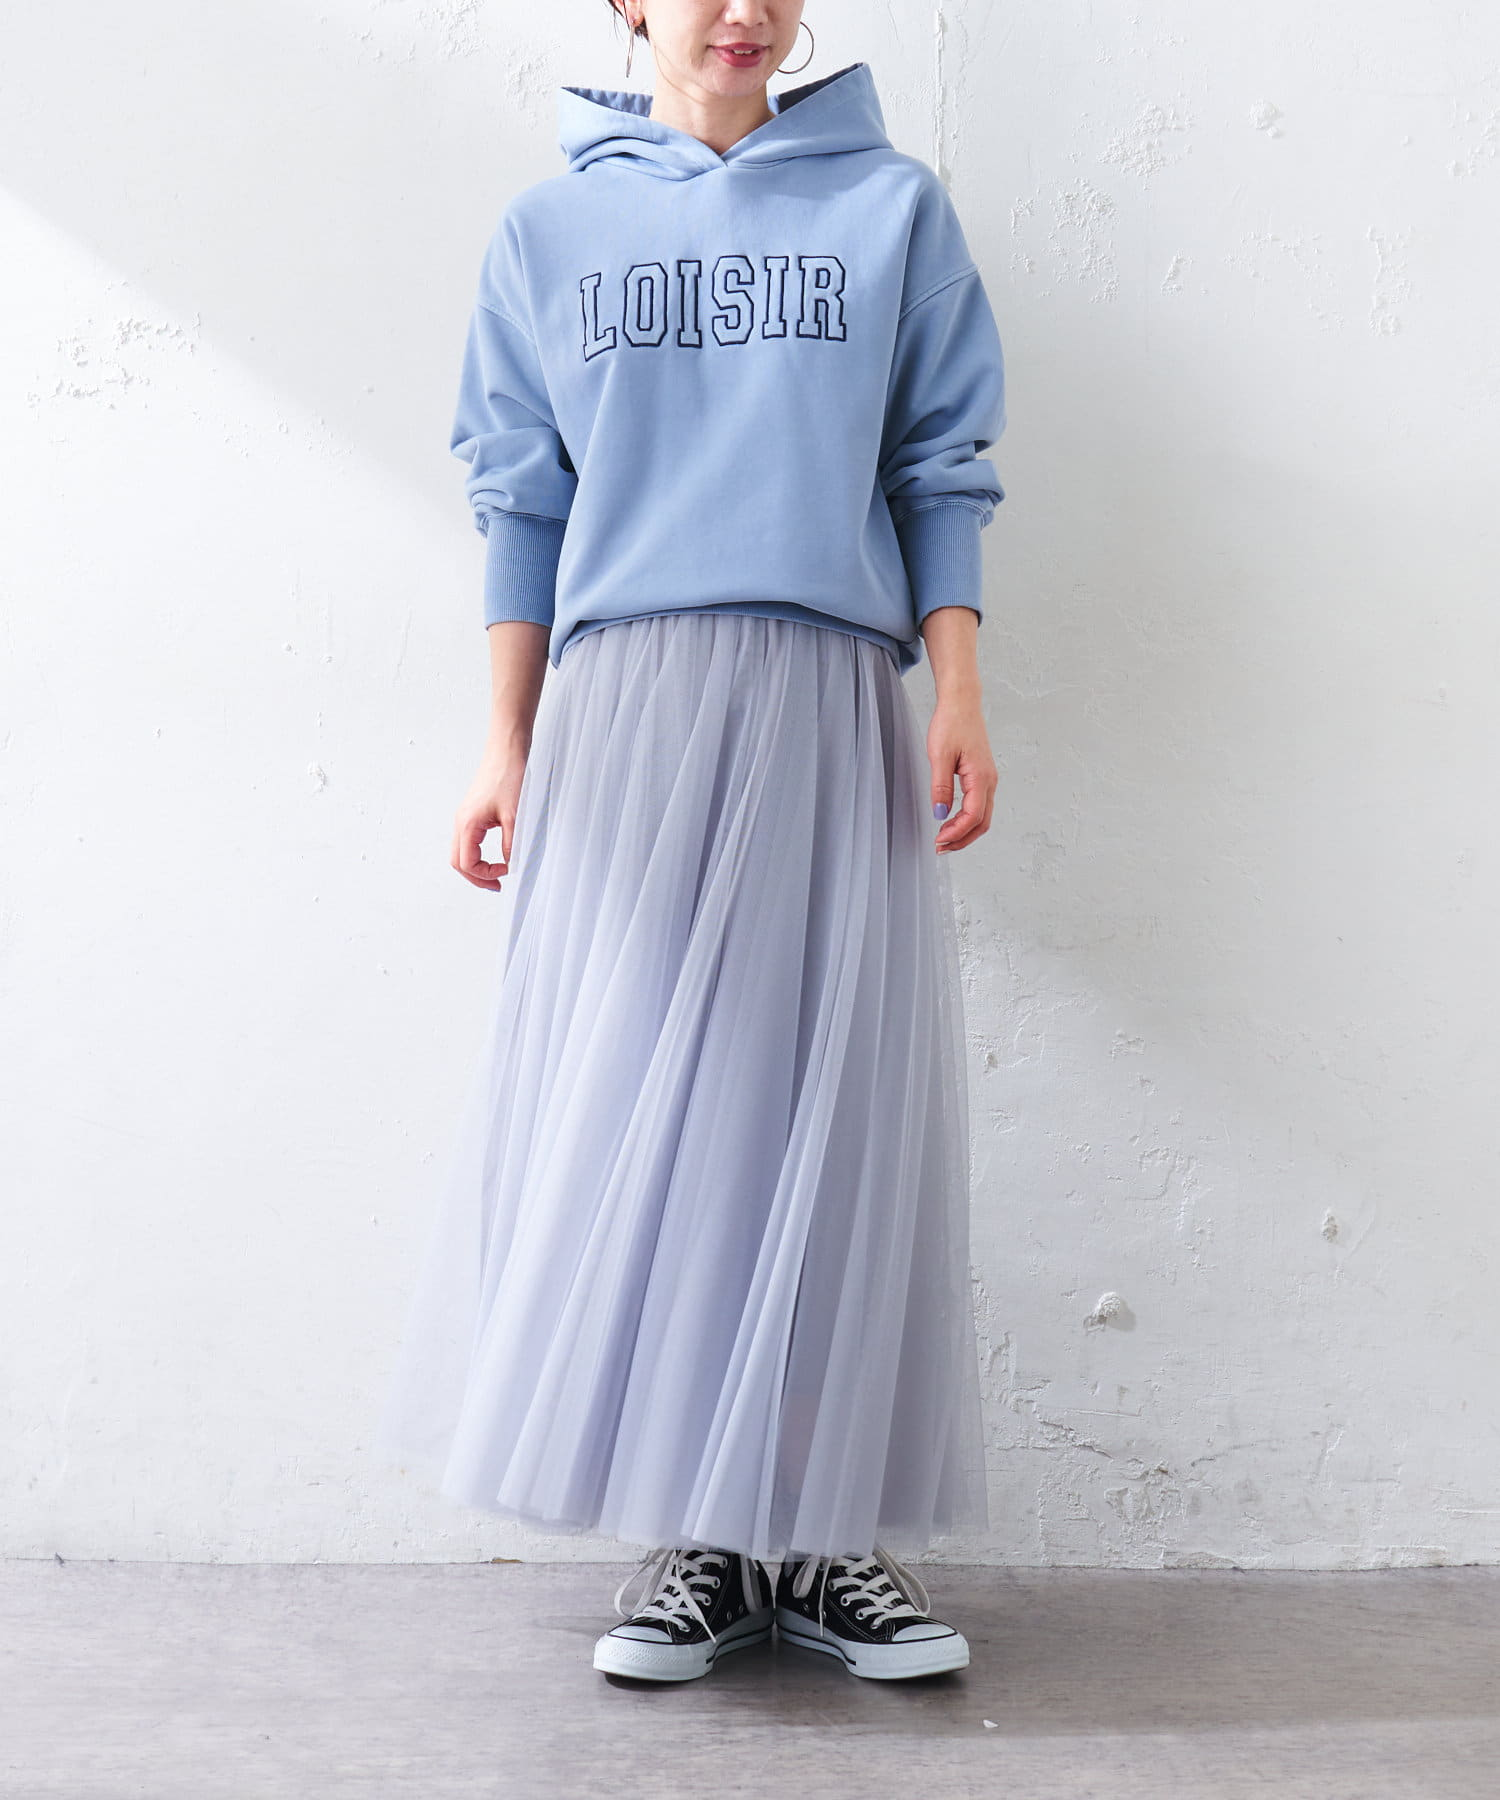 COLLAGE GALLARDAGALANTE(コラージュ ガリャルダガランテ) 【オンラインストア限定】ボリュームチュールスカート